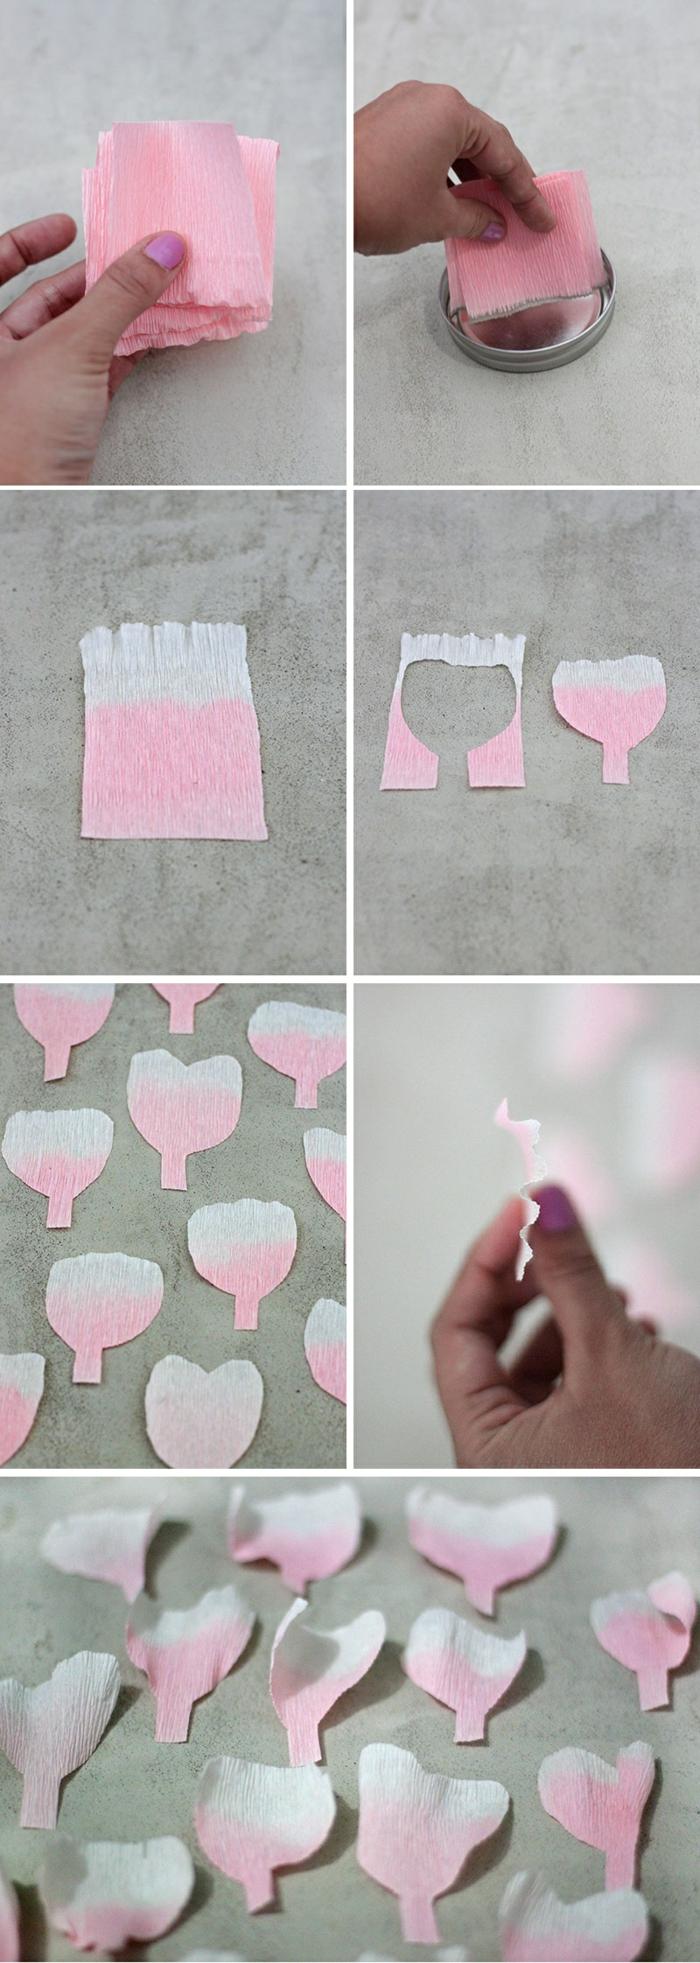 nelken aus krepppapier selber machen, blumenblätter schneiden